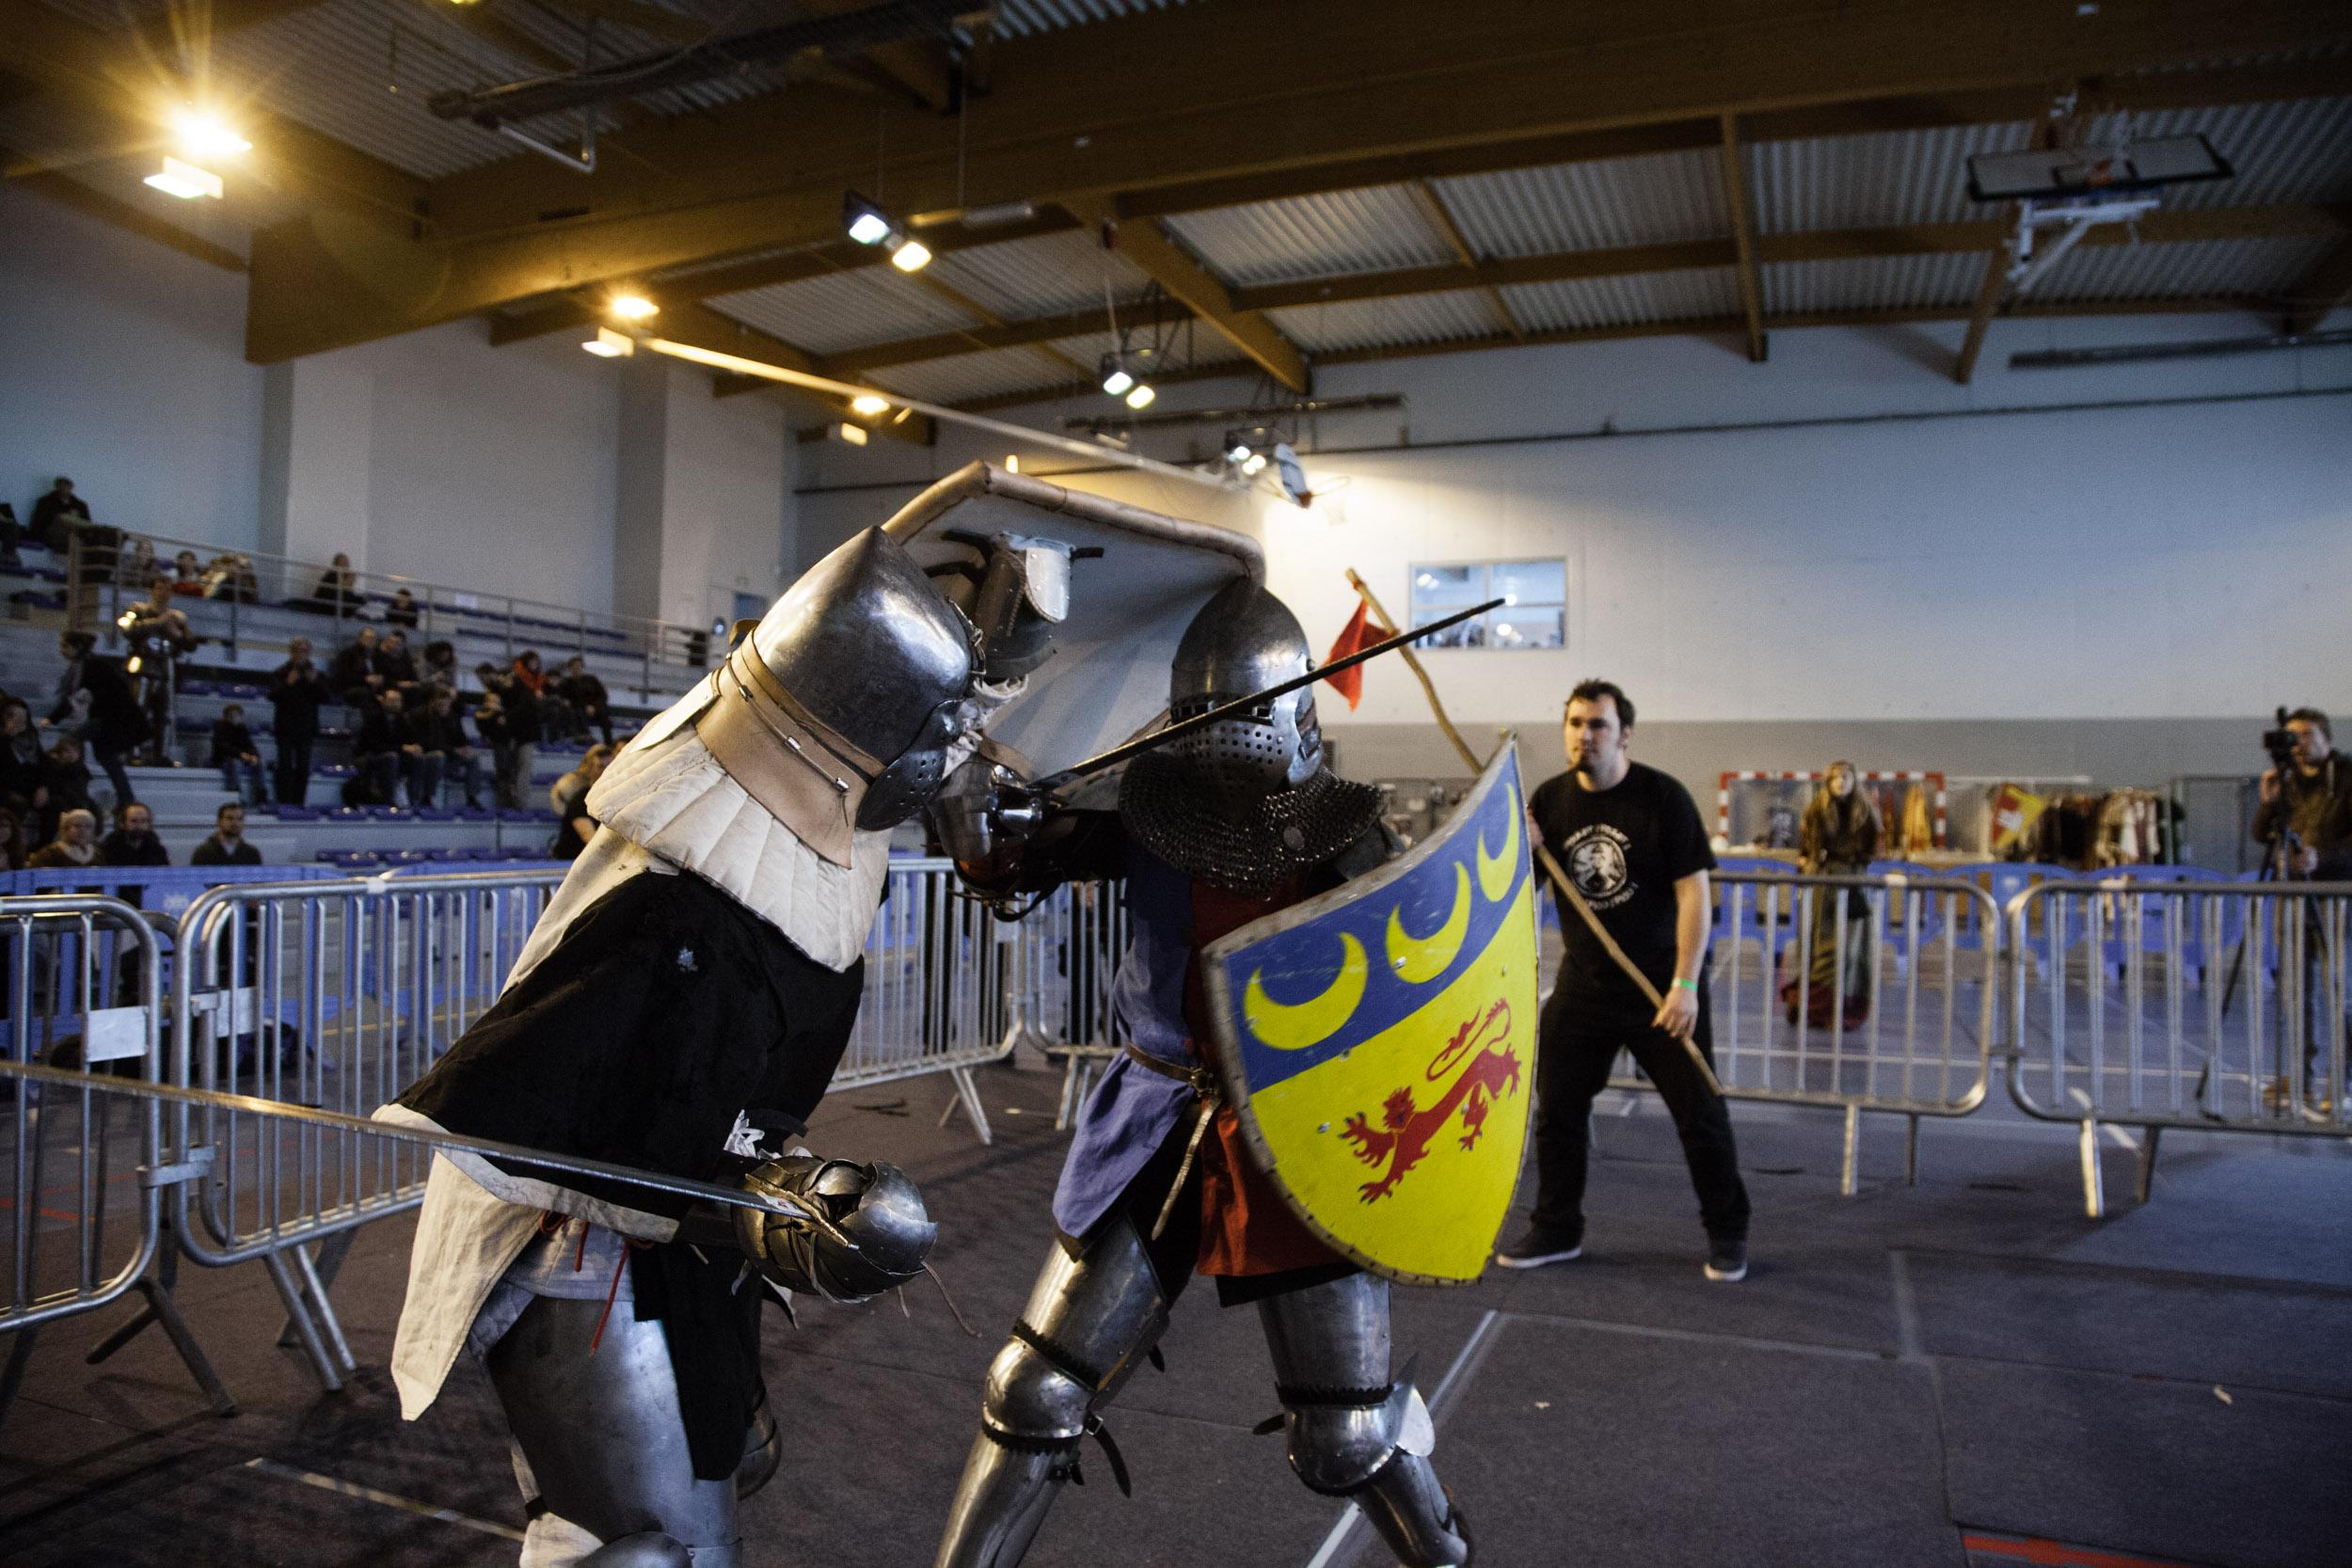 En duel, le but est de toucher l'adversaire. S'inspirant des combats traditionnels des fêtes médiévales, notamment de la pratique ancienne du pas. La spécificité de ce nouveau genre d'affrontement réside dans la dimension théâtrale et majestueuse des con